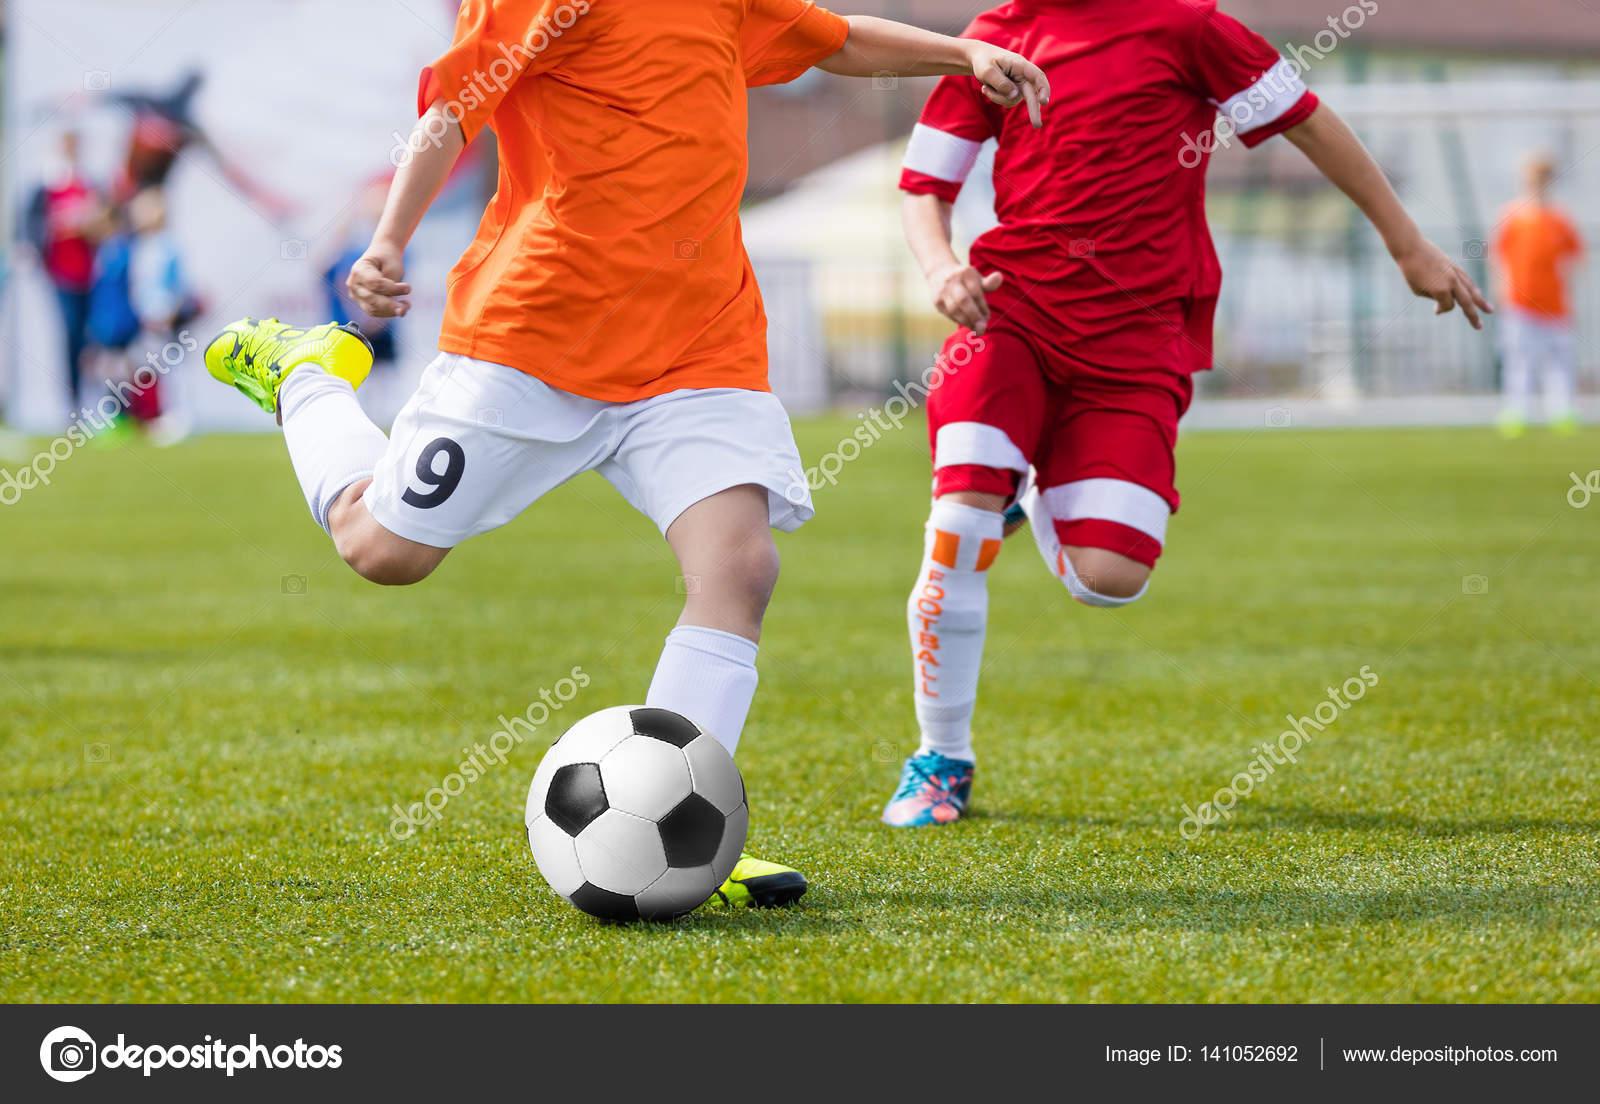 Immagini Di Calcio Per Bambini : Partita di calcio di calcio per bambini bambini che giocano il